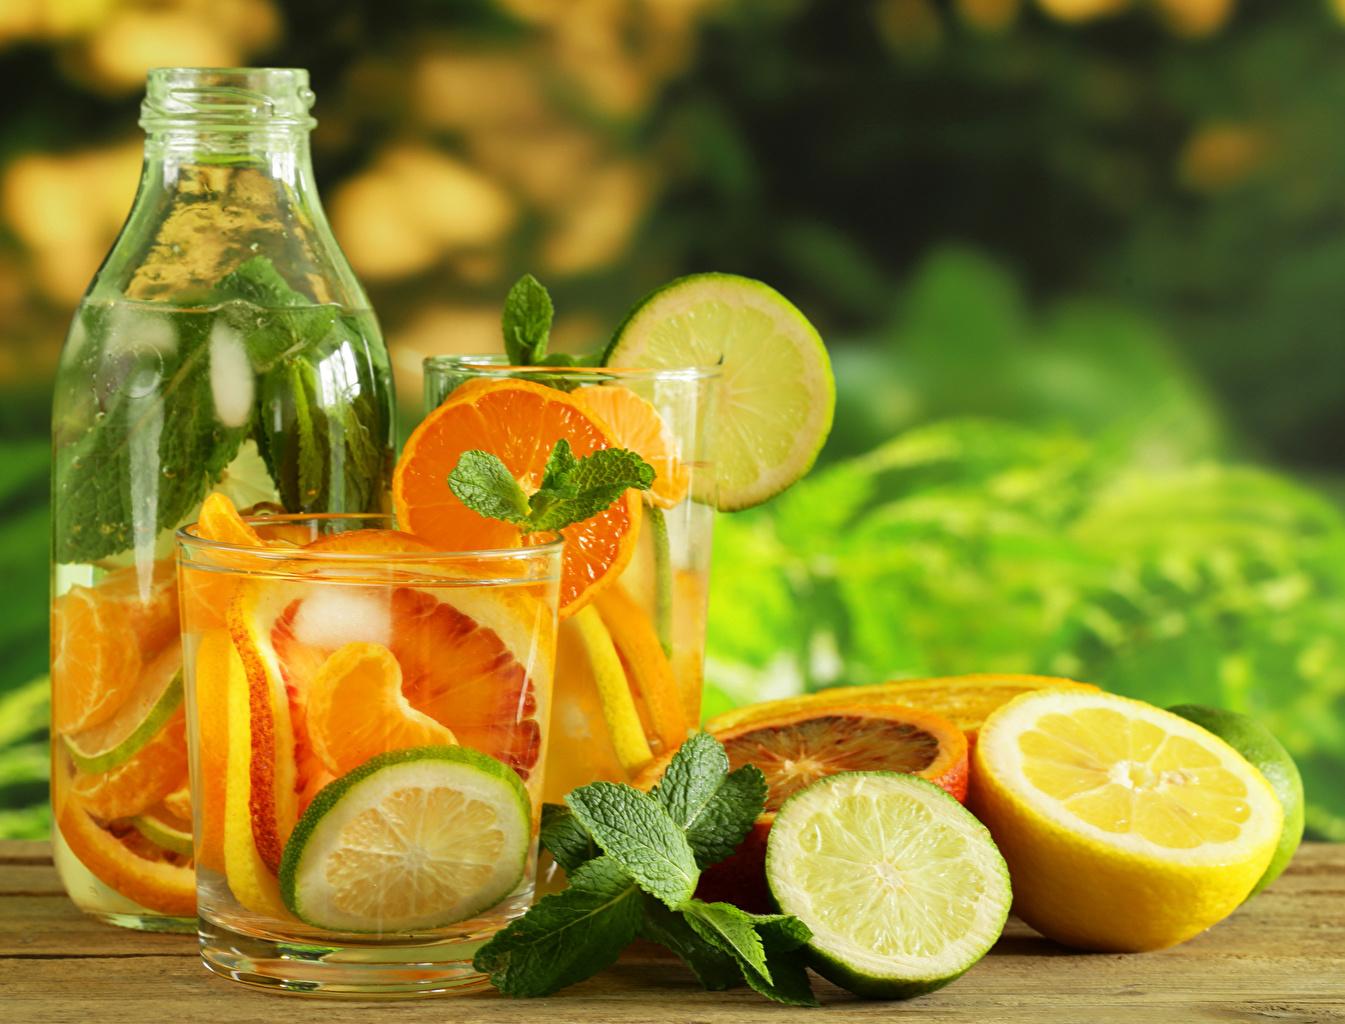 Image Lime Lemons Highball glass Food bottles drink Bottle Drinks